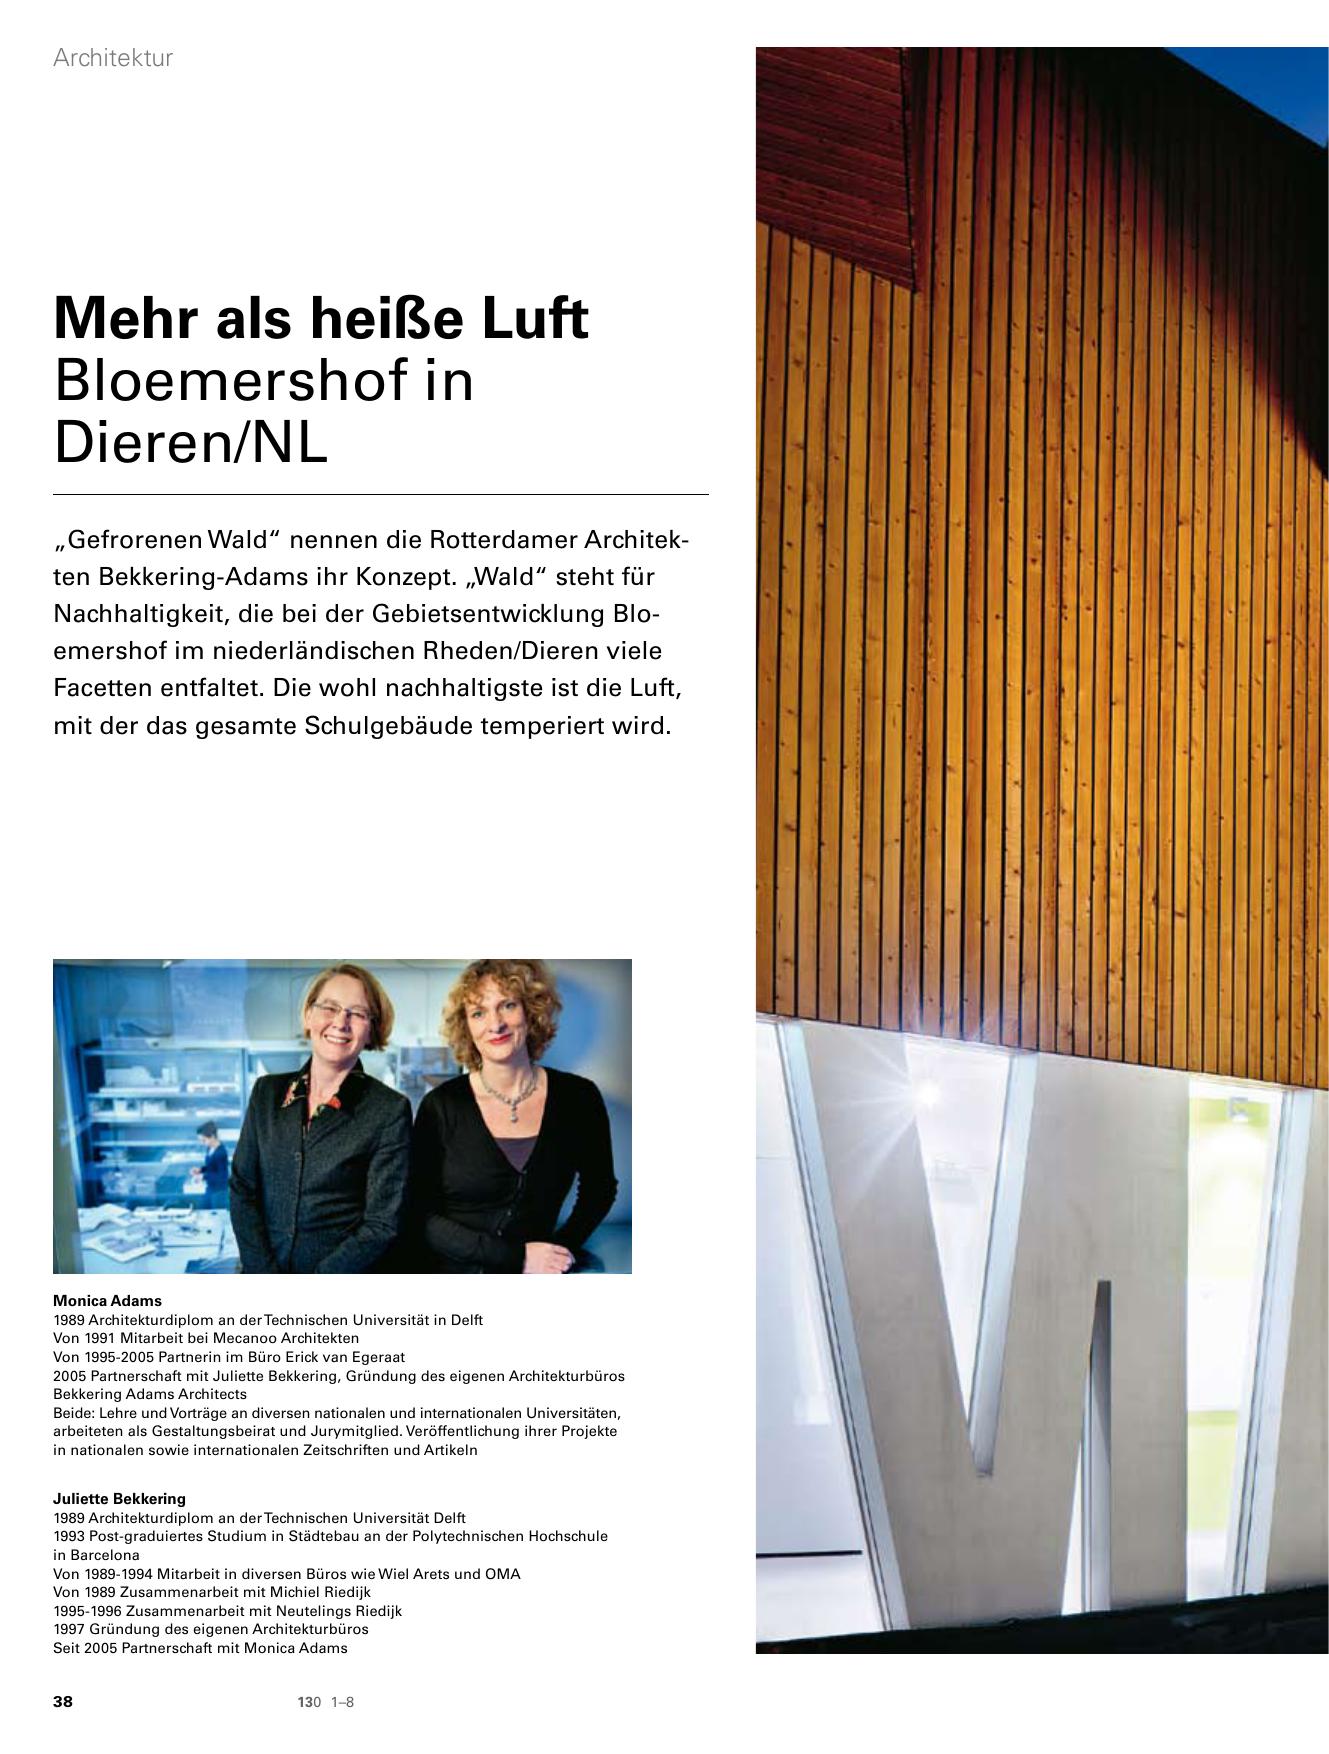 Mehr als heiße Luft Bloemershof in Dieren/NL   Kiefer Luft